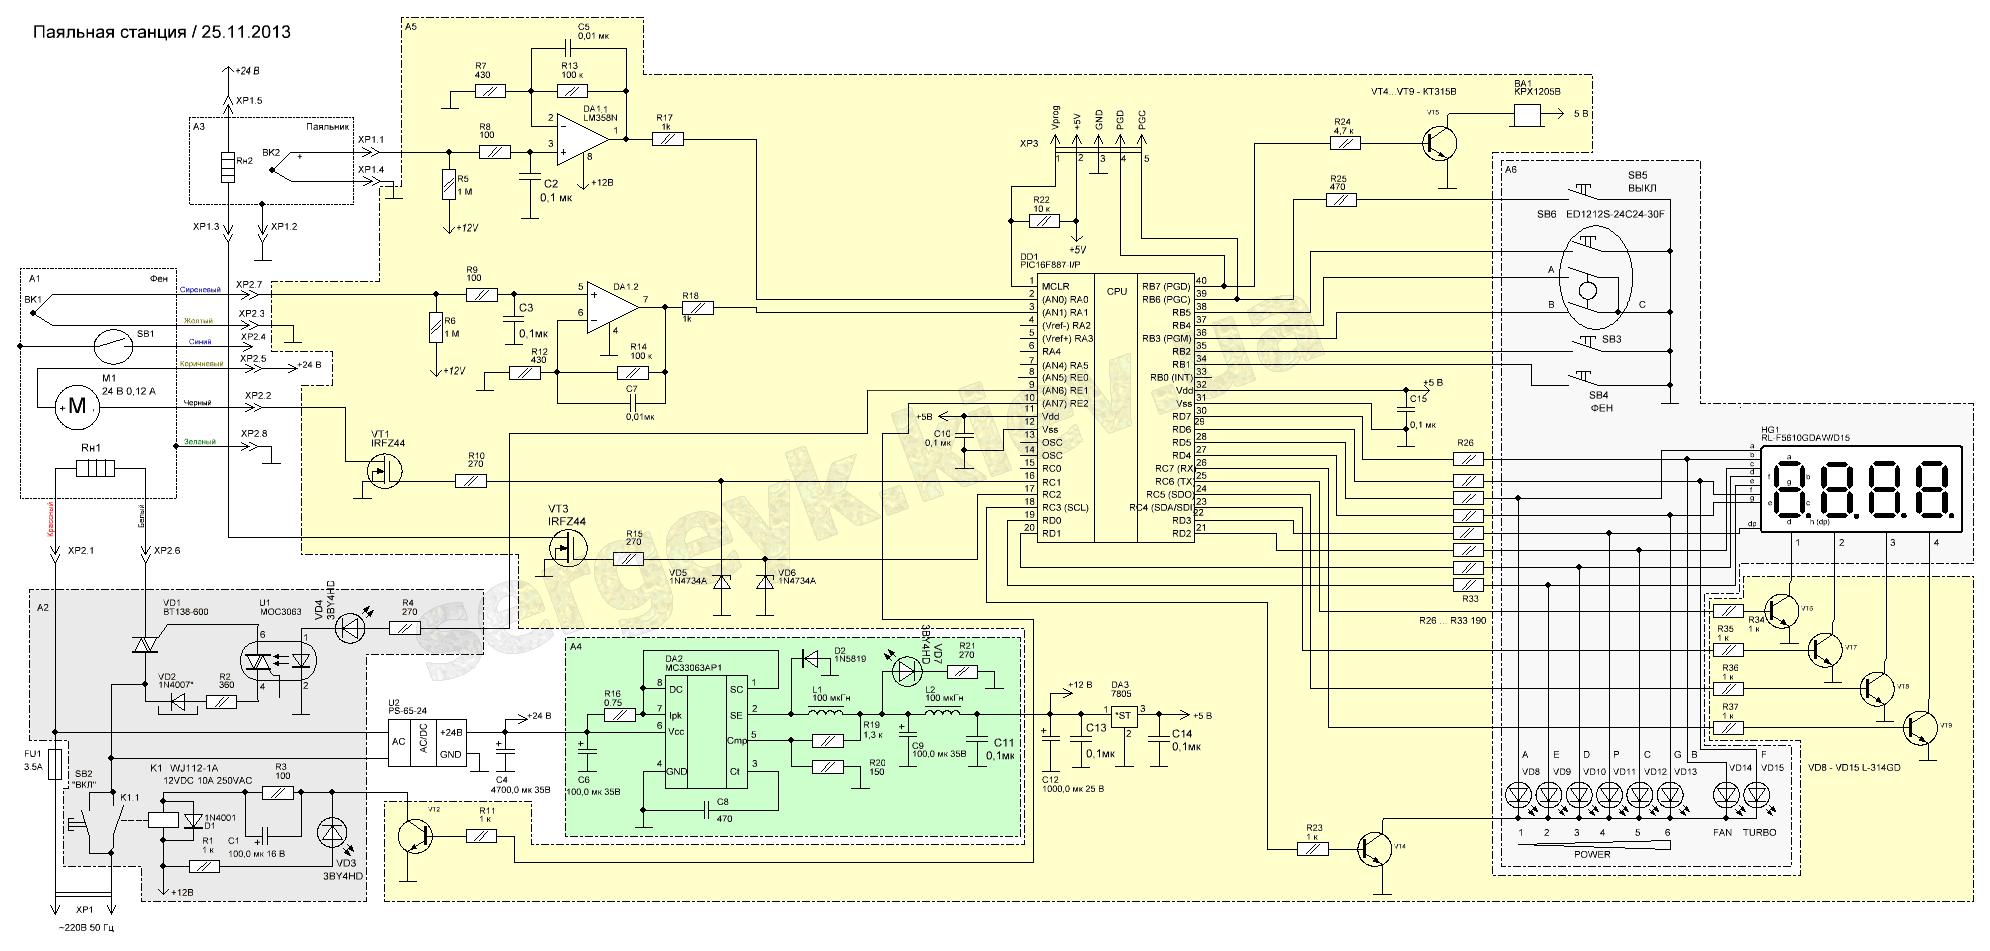 регулятор мощности низковольтного паяльника схема